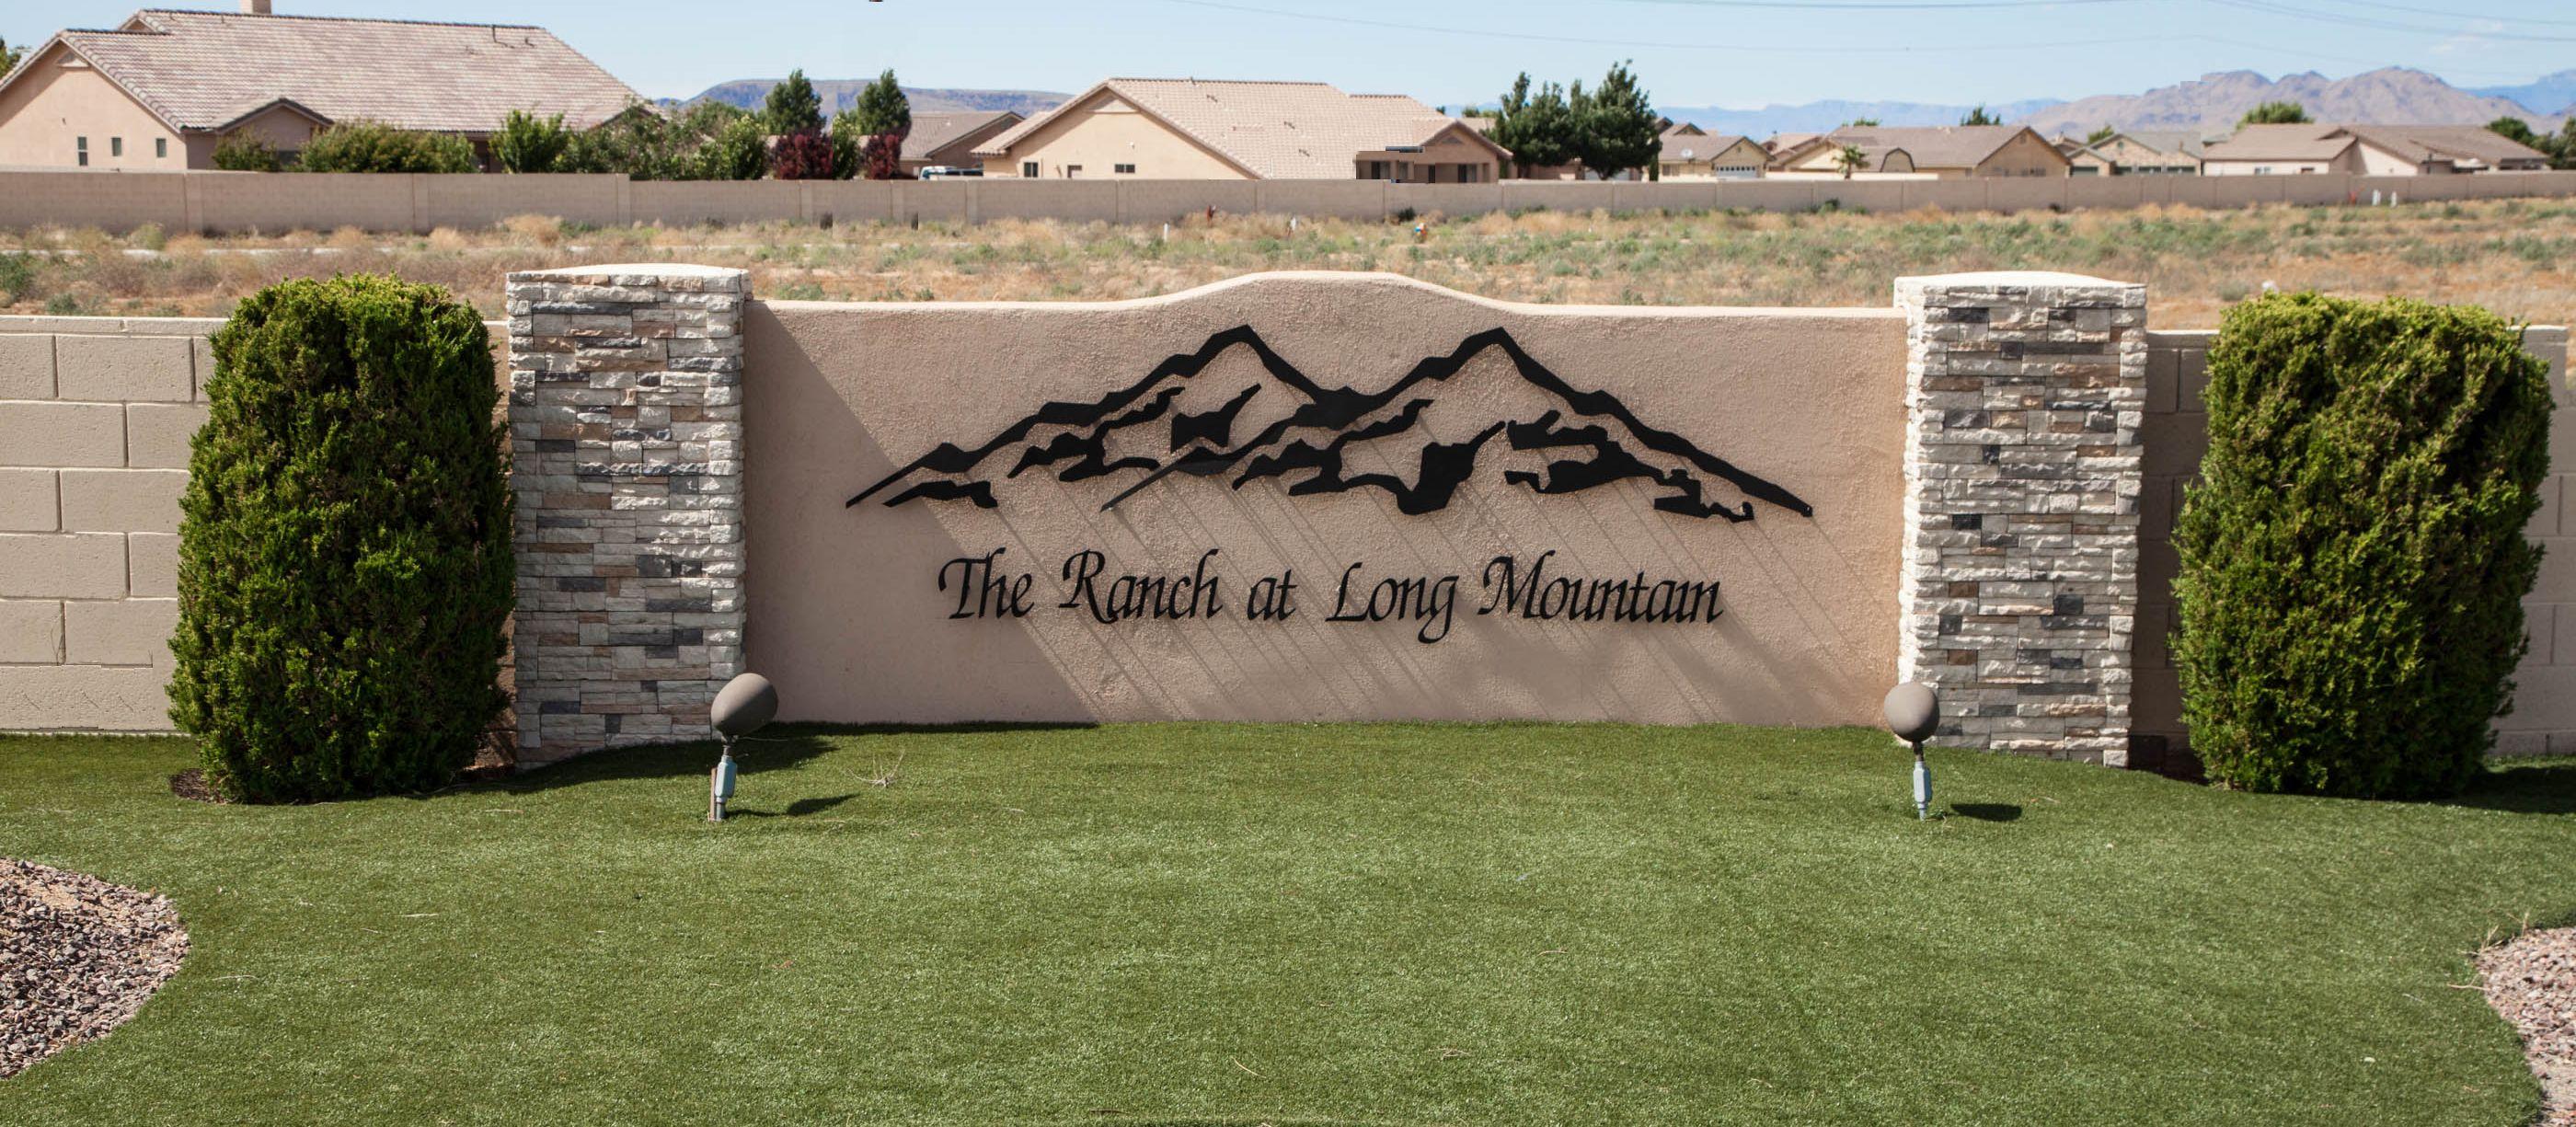 'The Ranch at Long Mountain' by Angle Homes webArchitect in Kingman-Lake Havasu City